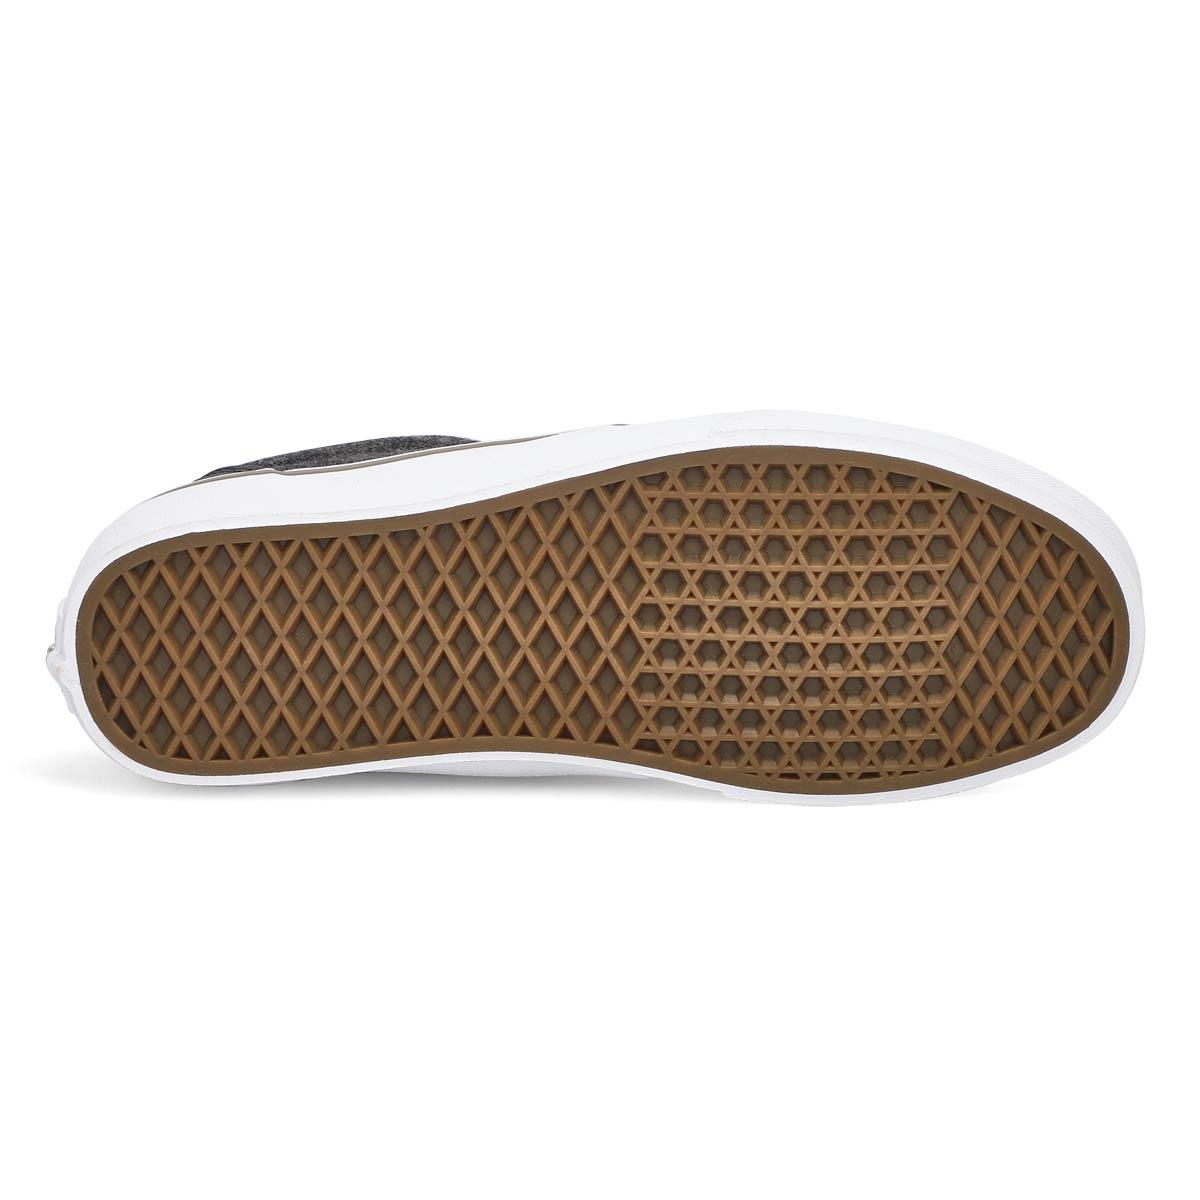 Men's Atwood Deluxe Sneaker - Black